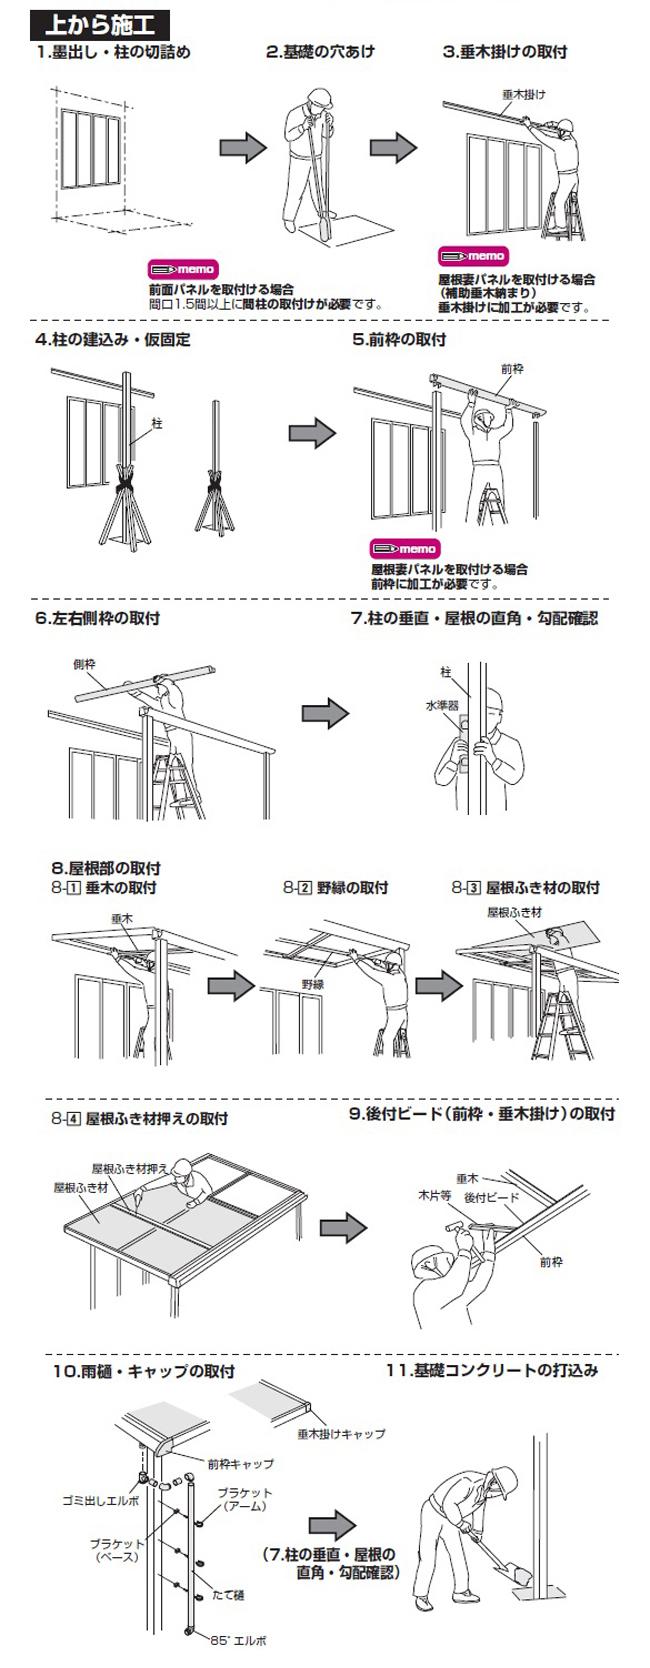 テラス屋根のDIY施工方法